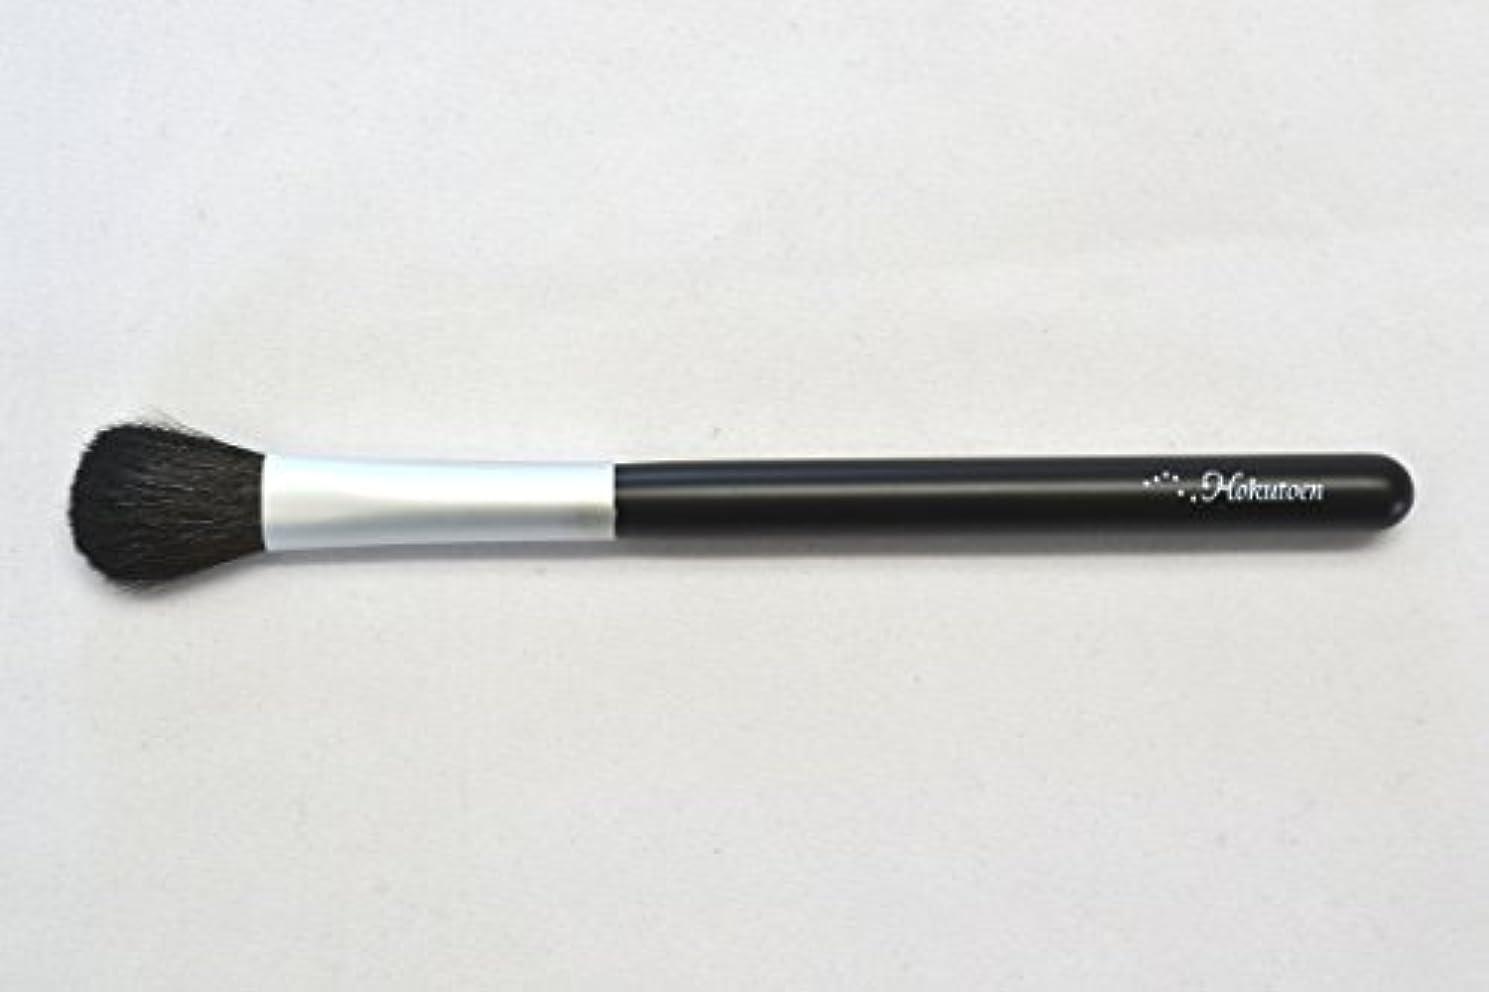 説得力のあるフレッシュ説明的熊野筆 北斗園 Kシリーズ アイシャドウブラシ山型(黒銀)